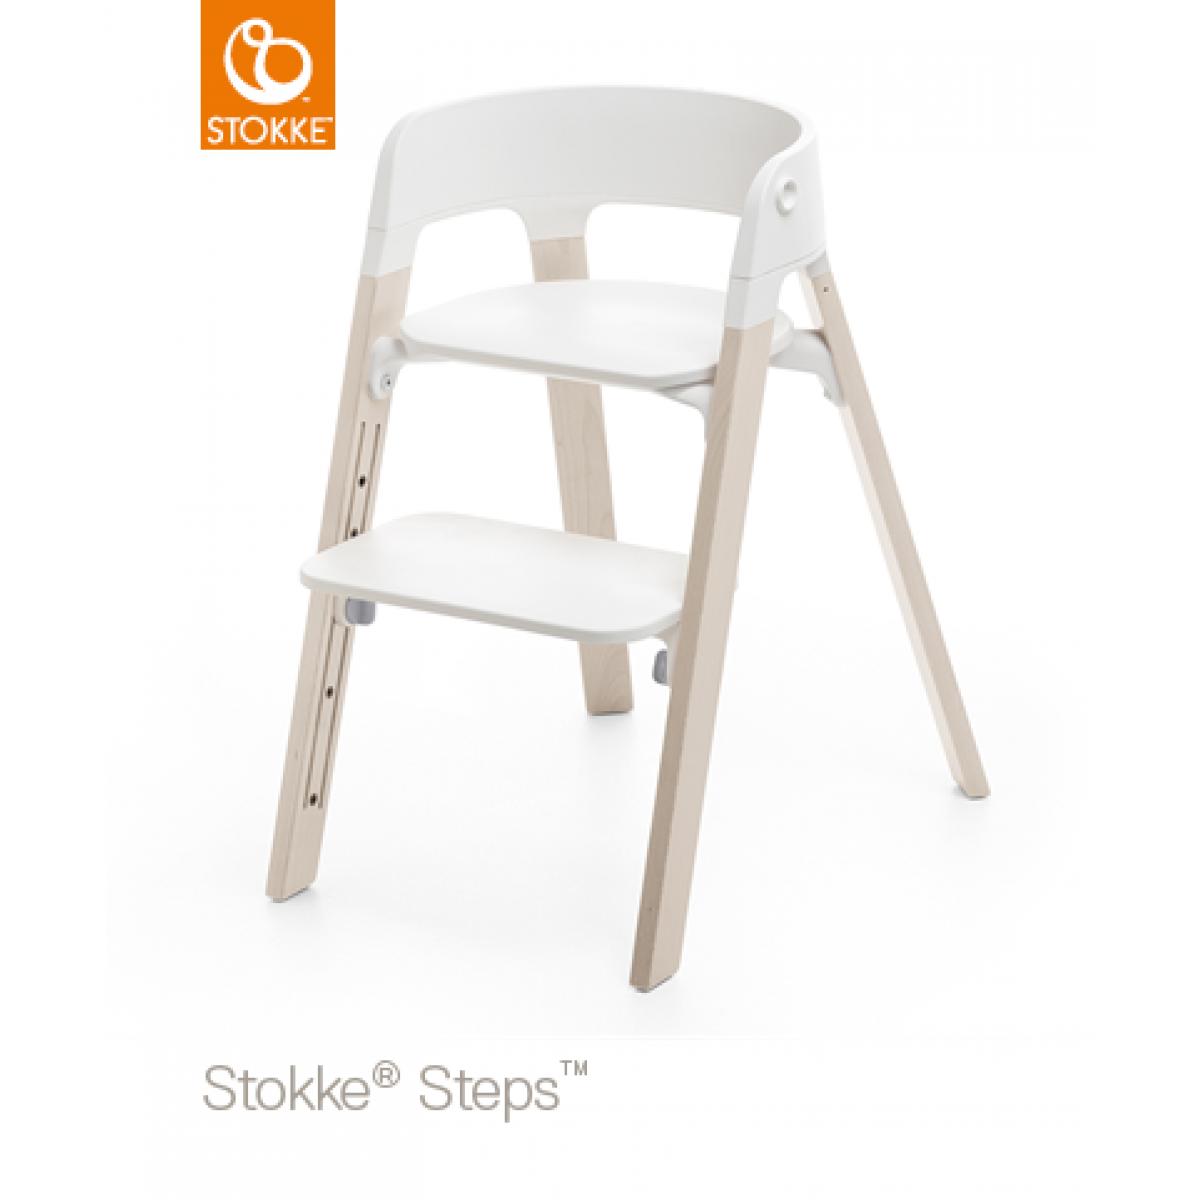 stokke steps white wash. Black Bedroom Furniture Sets. Home Design Ideas